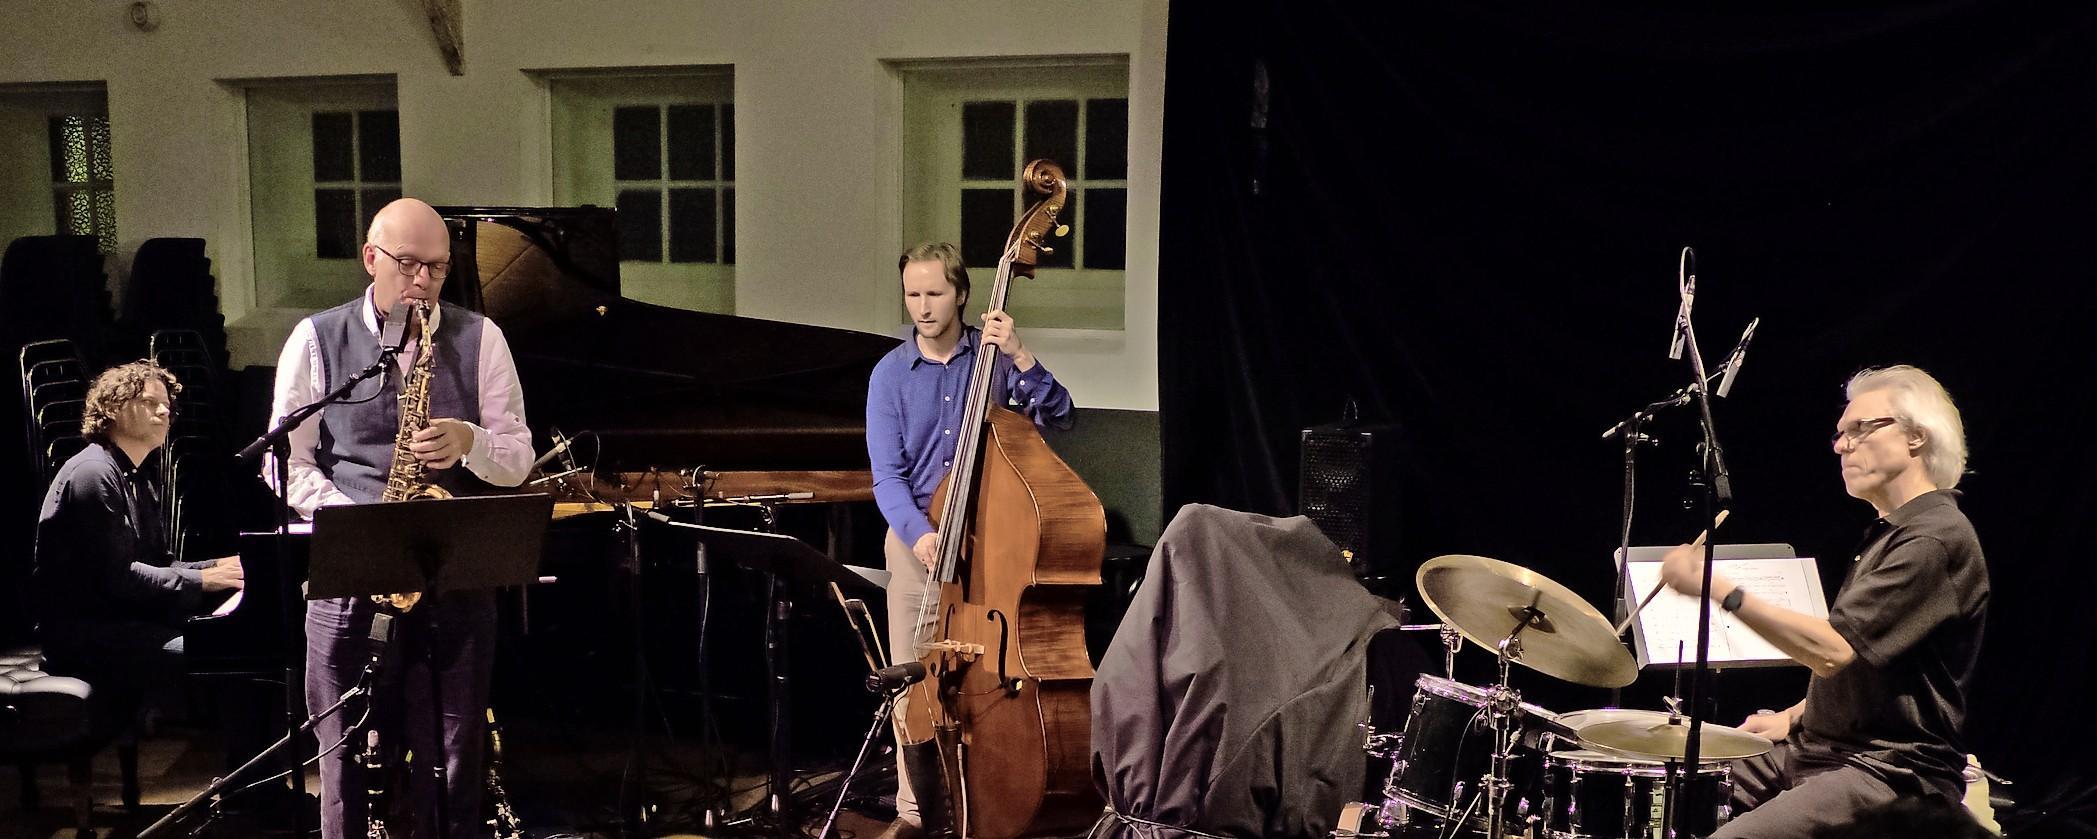 Michael Moore Fragile Quartet zondagmiddag naar Pletterij; 'Het gaat altijd om het in balans brengen van mijn muziekleven'